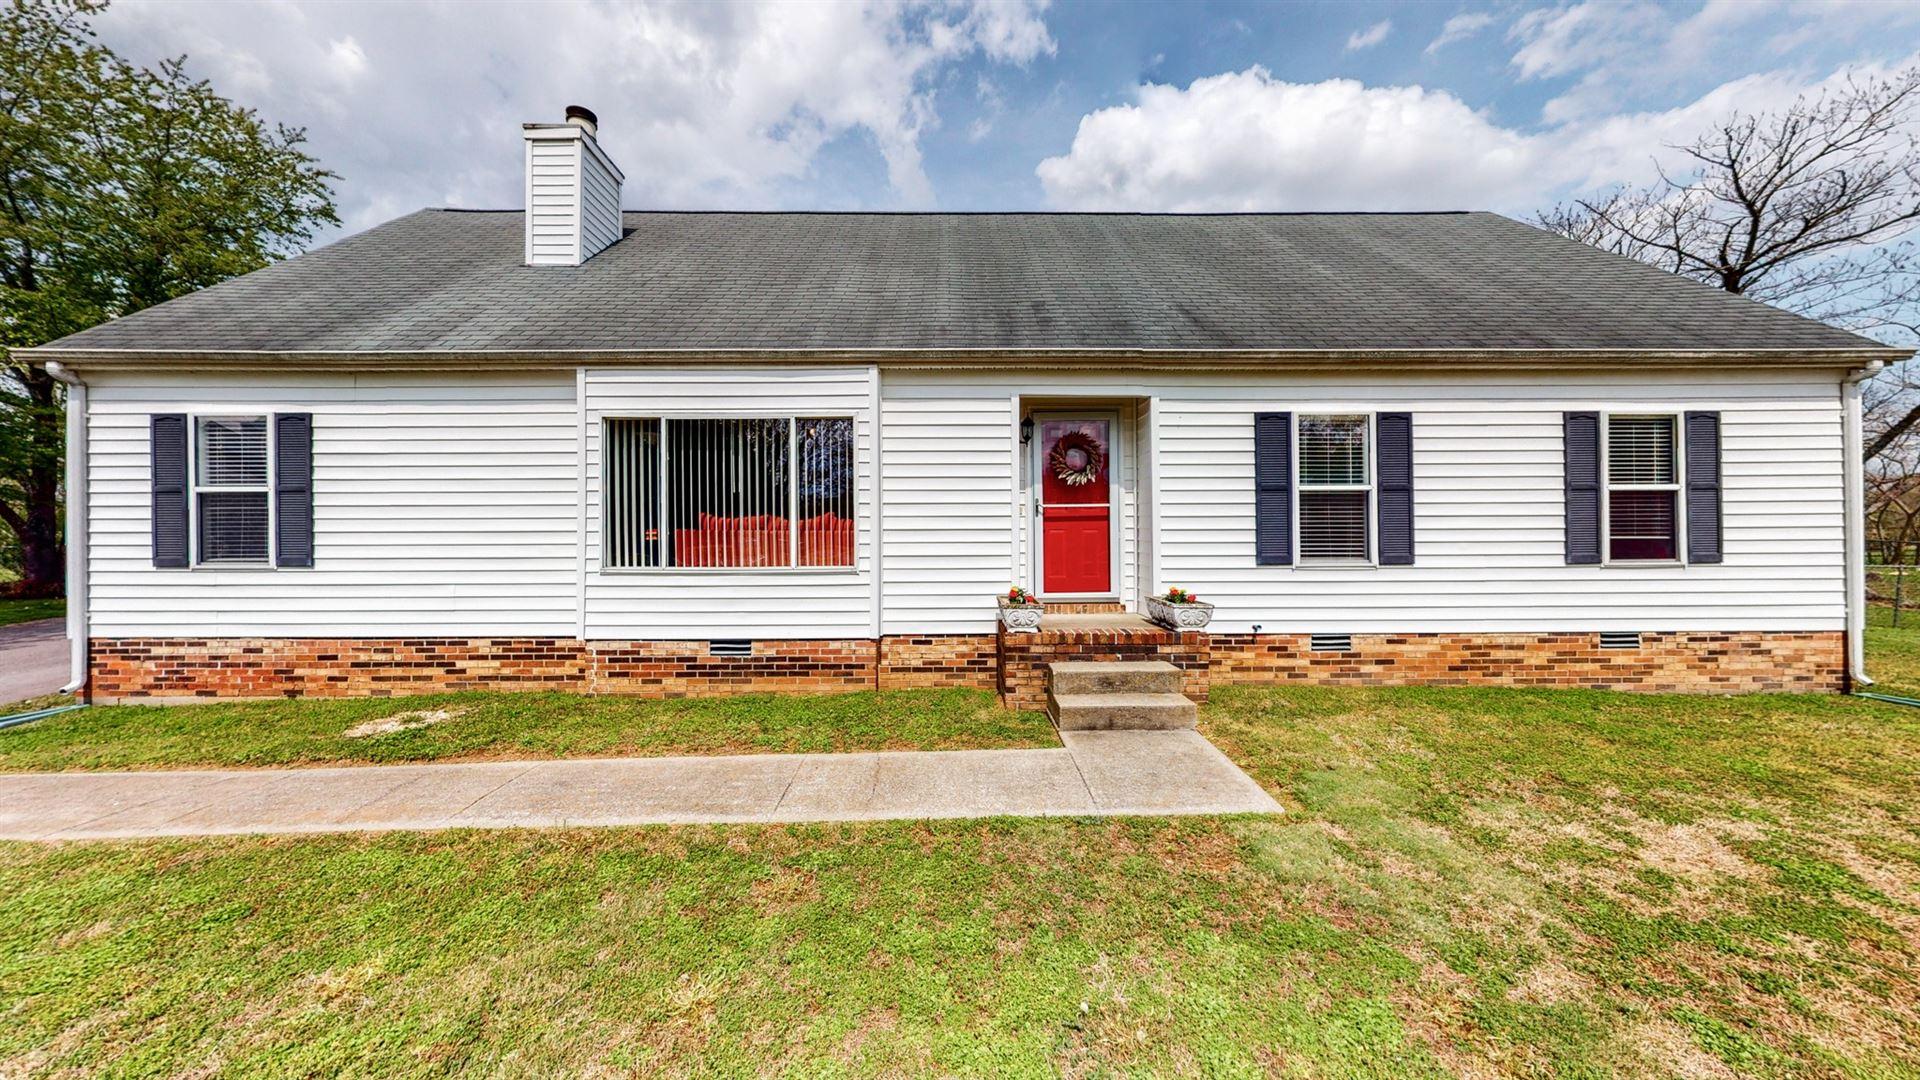 Photo of 4138 Basil Ct, Murfreesboro, TN 37128 (MLS # 2242319)